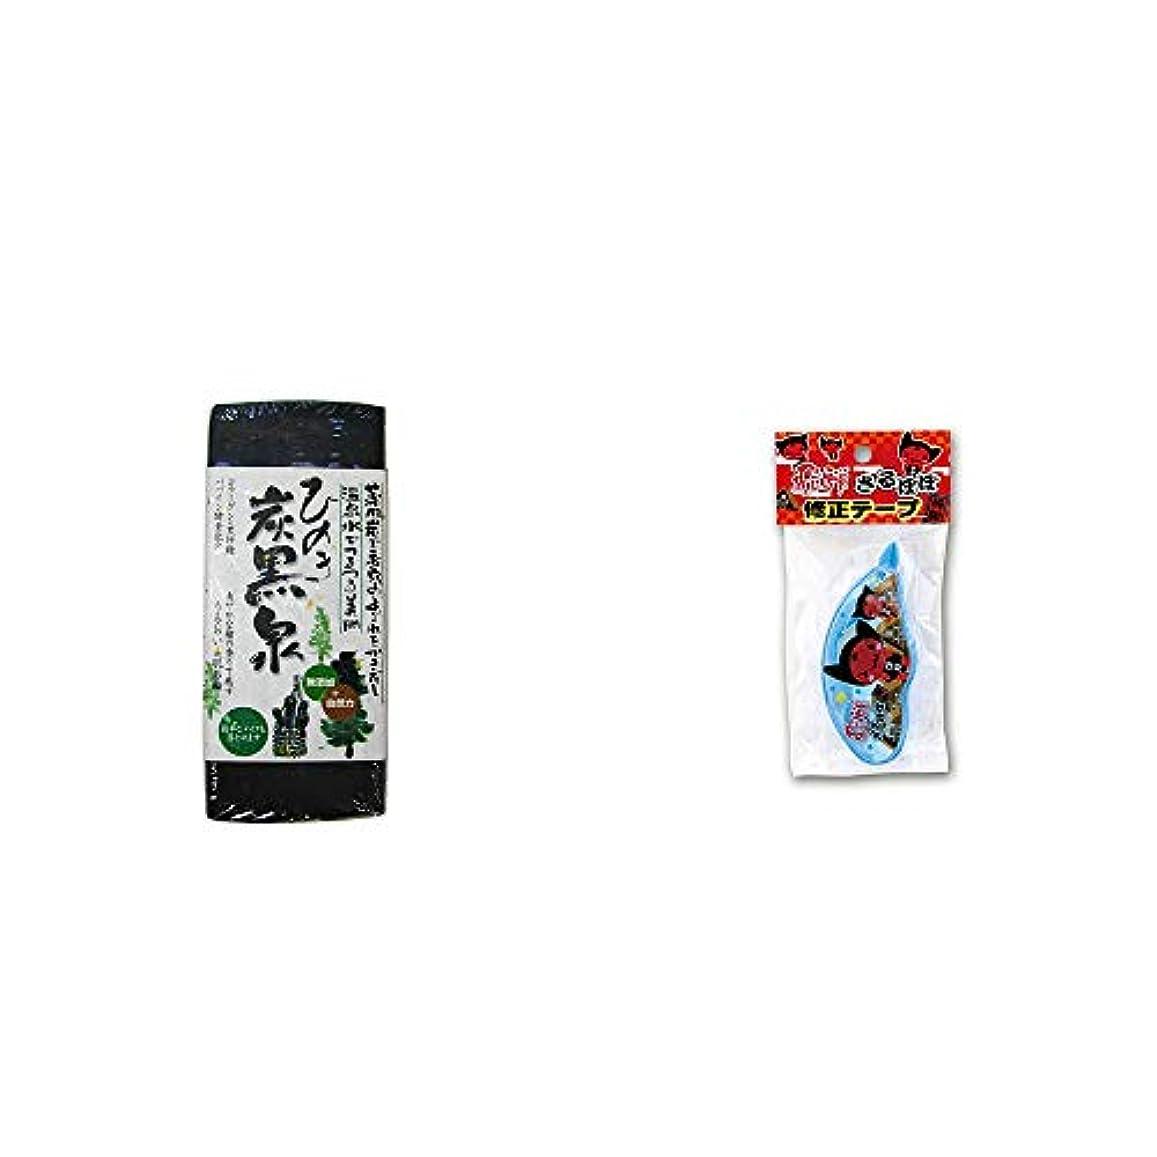 社説アカデミー礼儀[2点セット] ひのき炭黒泉(75g×2)?さるぼぼ 修正テープ【ピンク】